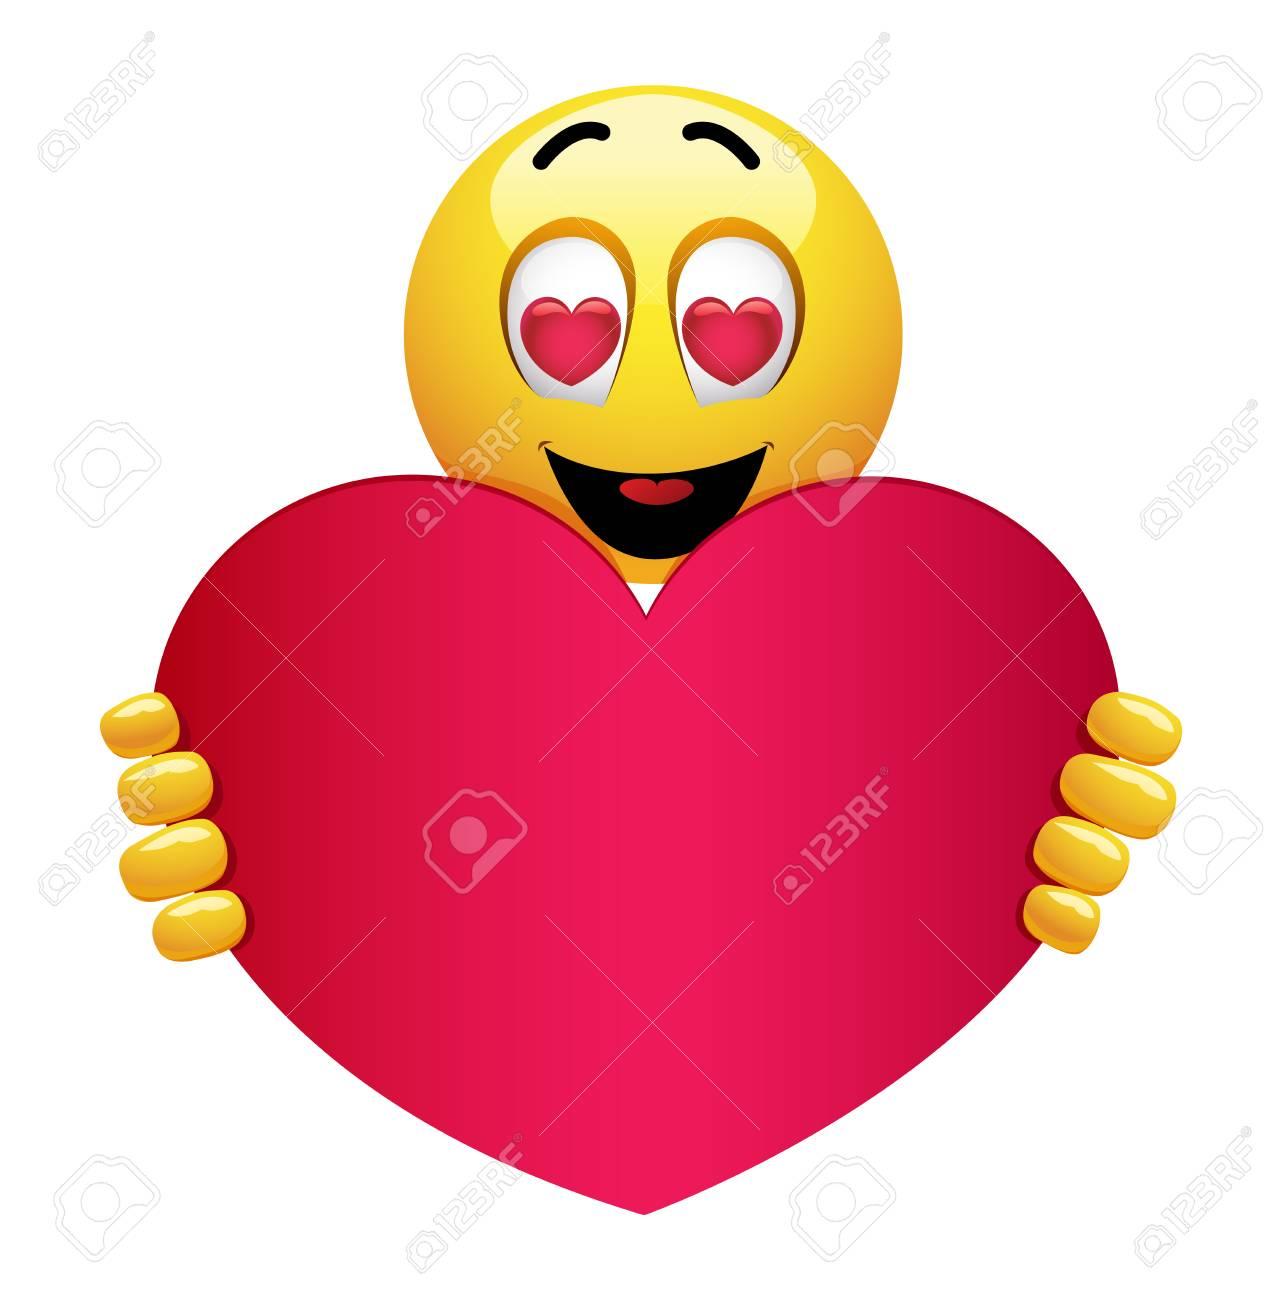 Emoji Smiley Mignon Etant Amoureux Smiley Tenant Un Gros Coeur Rouge Emoticone Souriante Avec C Ur Dans Les Yeux Clip Art Libres De Droits Vecteurs Et Illustration Image 101246726